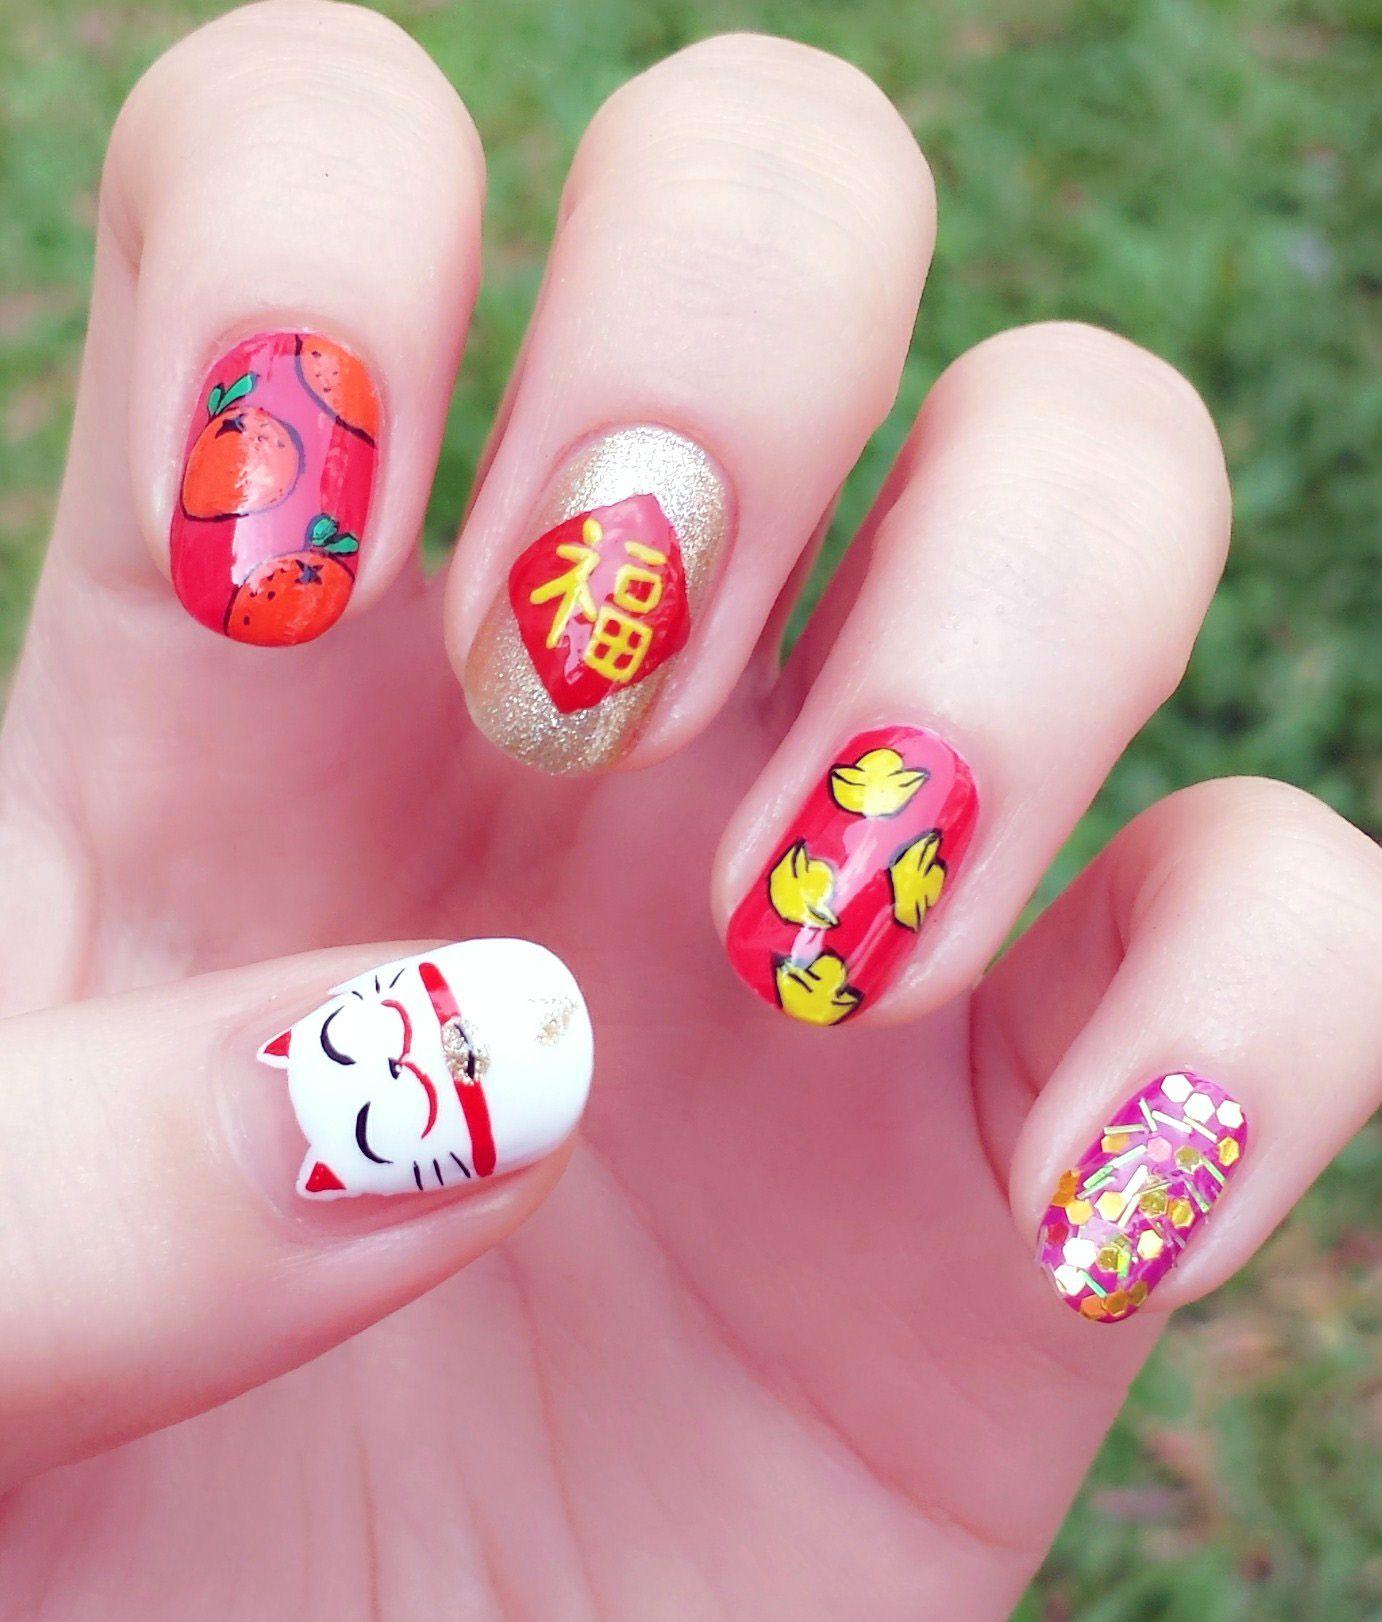 ChineseNewYear #YearOfMonkey #Nails #NailsArt #NailArt #NailsSpa ...